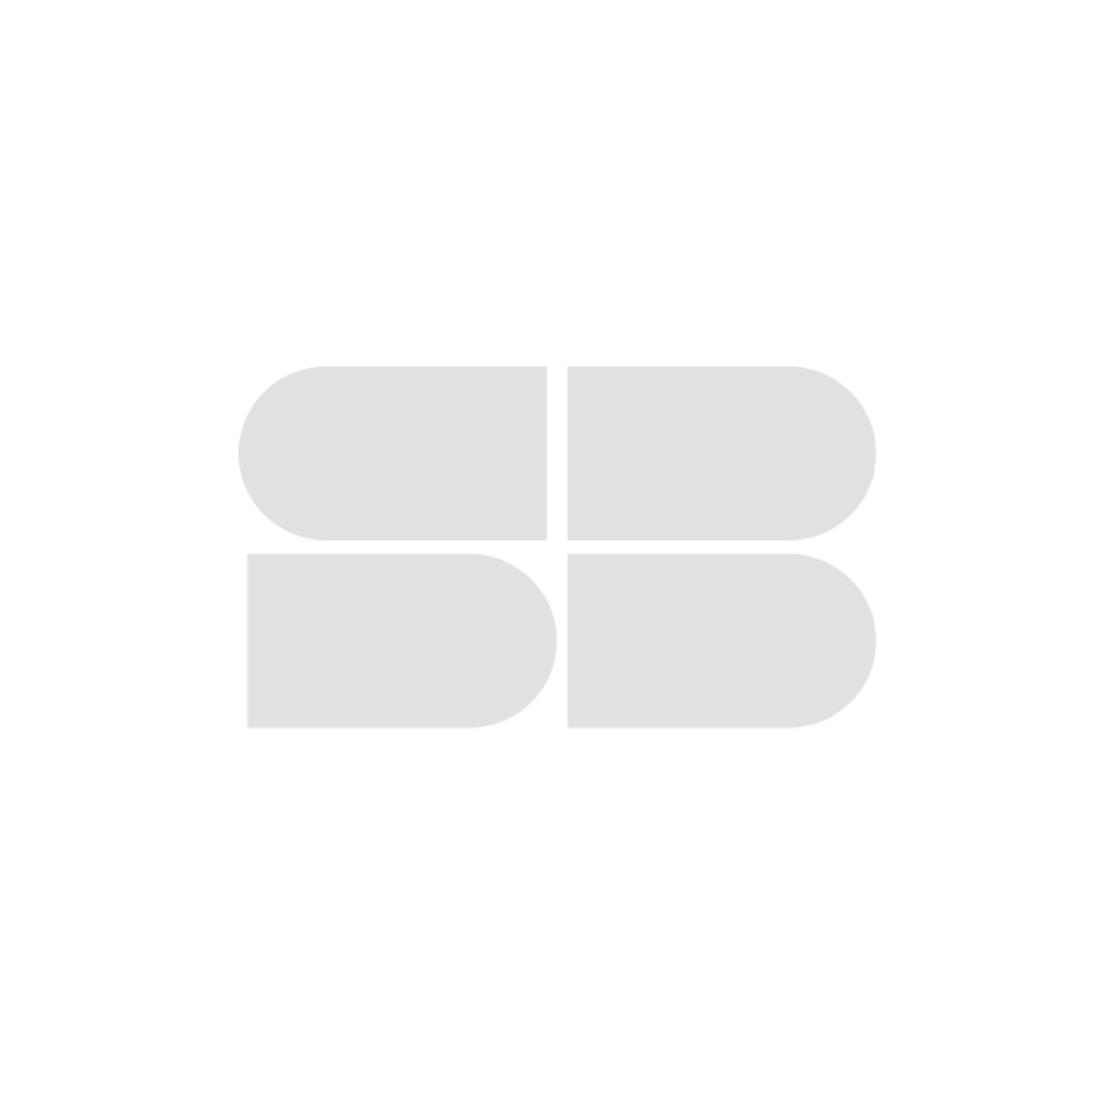 ที่นอน LADY AMERICANA รุ่น ELIZABETH ขนาด 3.5 ฟุต แถมฟรี ชุดเครื่องนอนและผลิตภัณฑ์บรรจุใย 7 ชิ้น